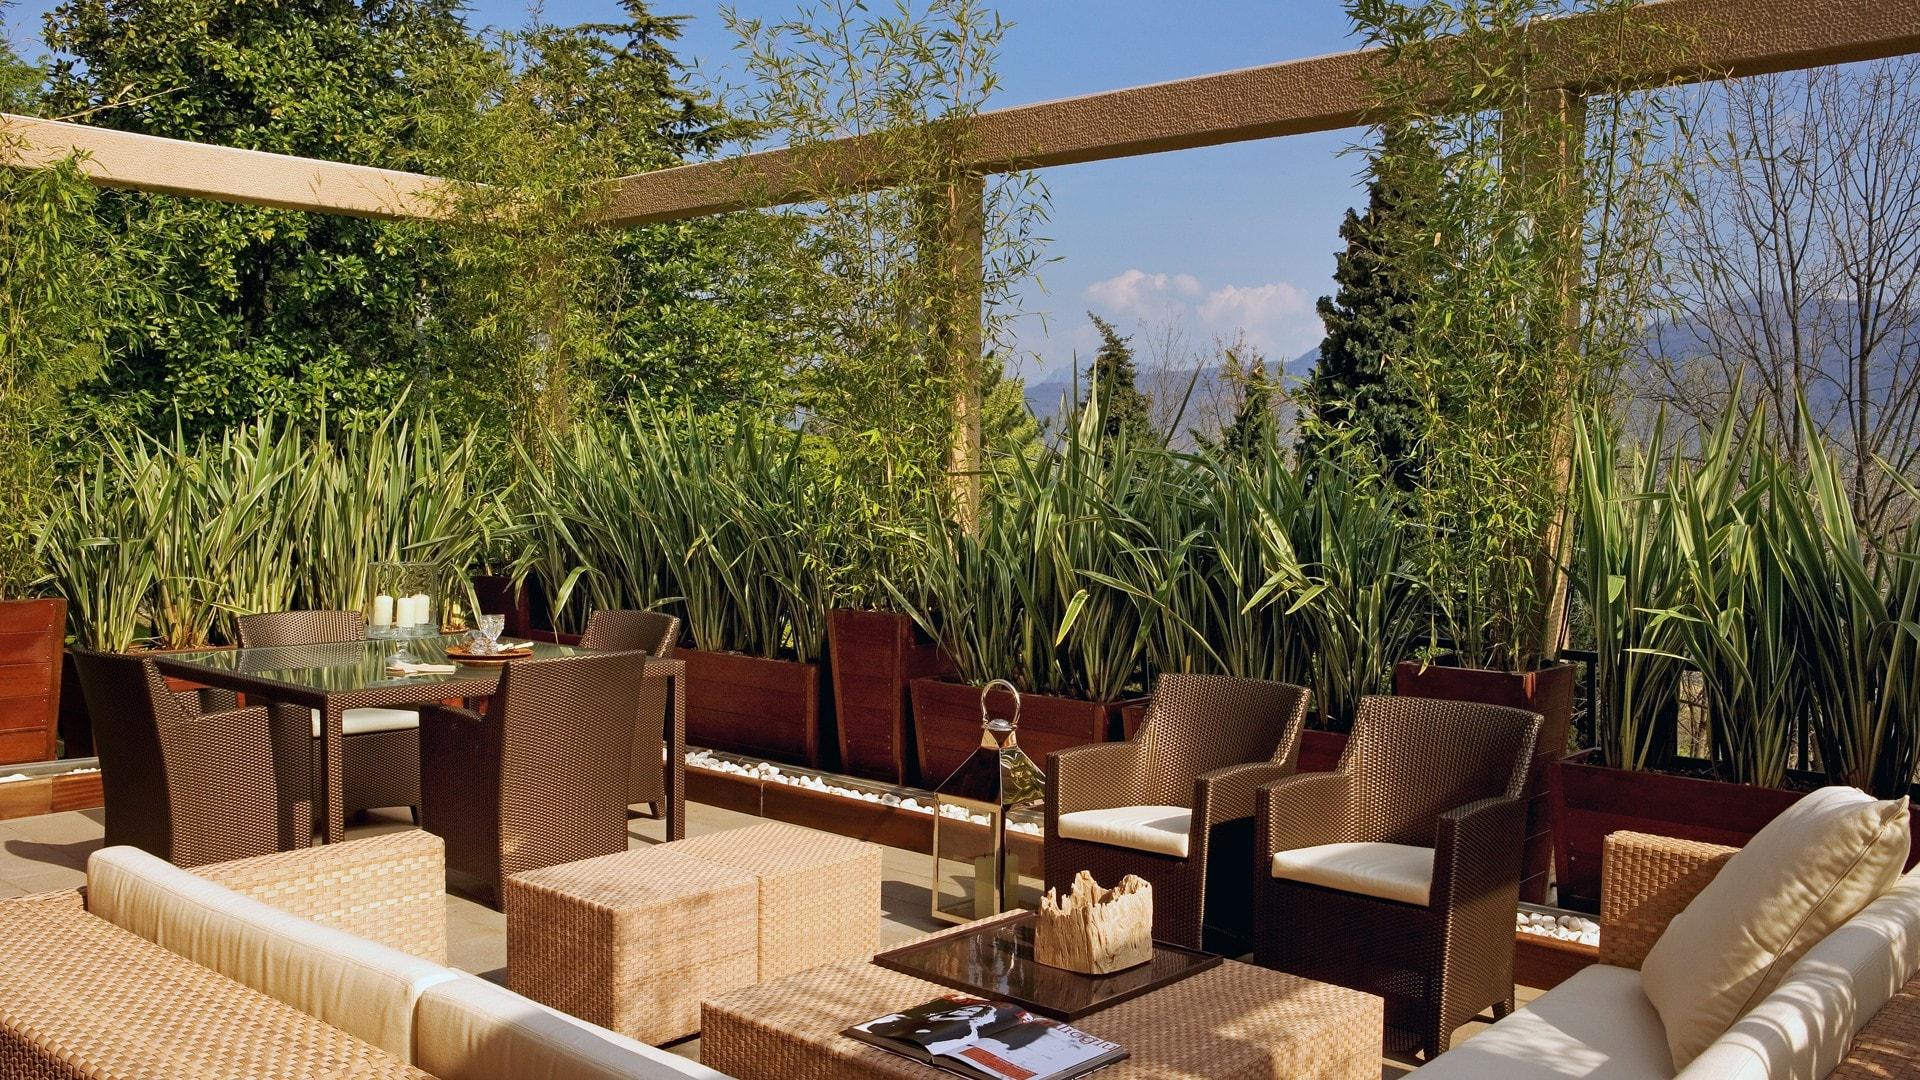 La migliore Progettazione Giardini Bergamo Idee e immagini di ispirazione  ezsrc.com Trova ...